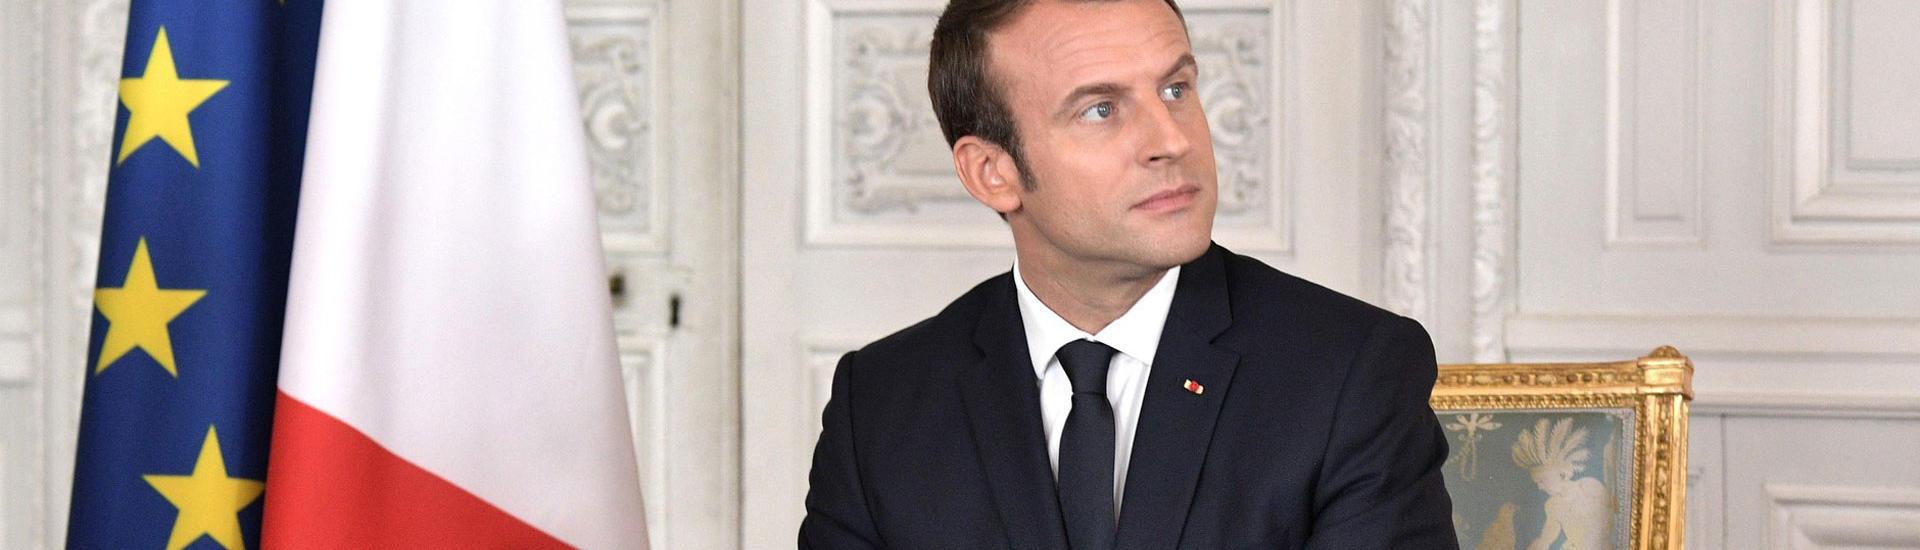 Réaction de la CPME à l'intervention du président de la République